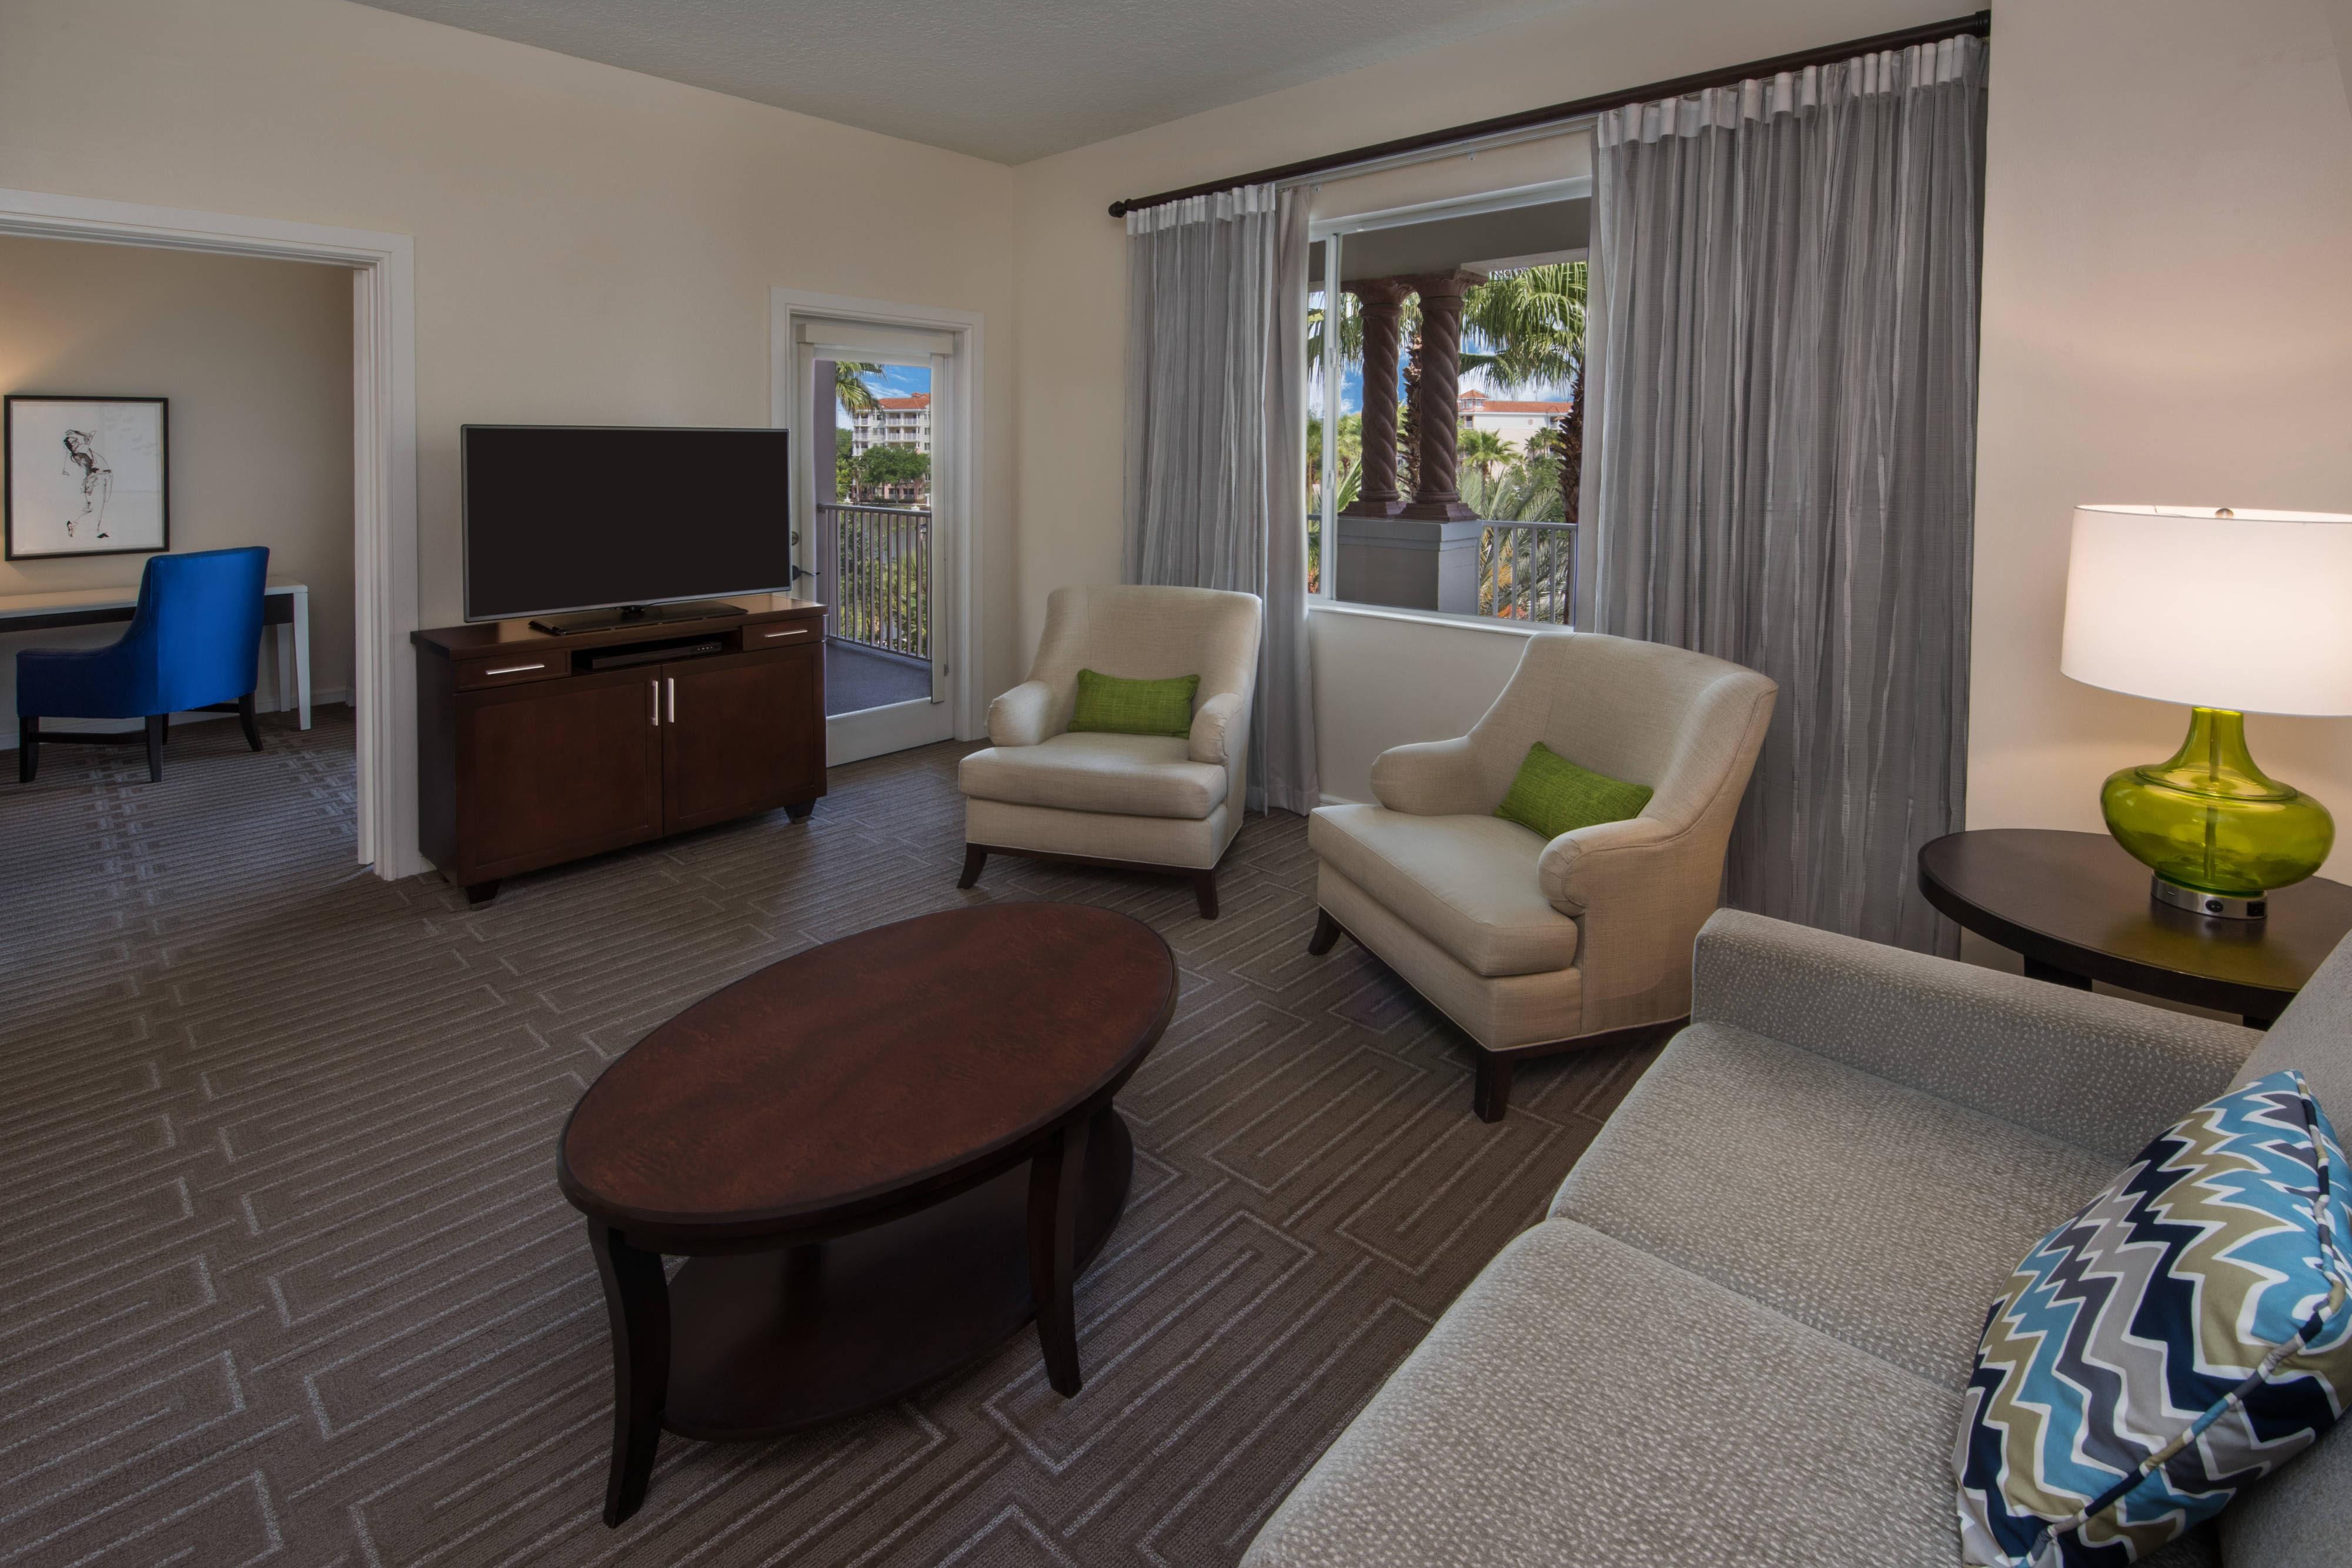 2 And 3 Bedroom Villas In Orlando FL Marriotts Grande Vista